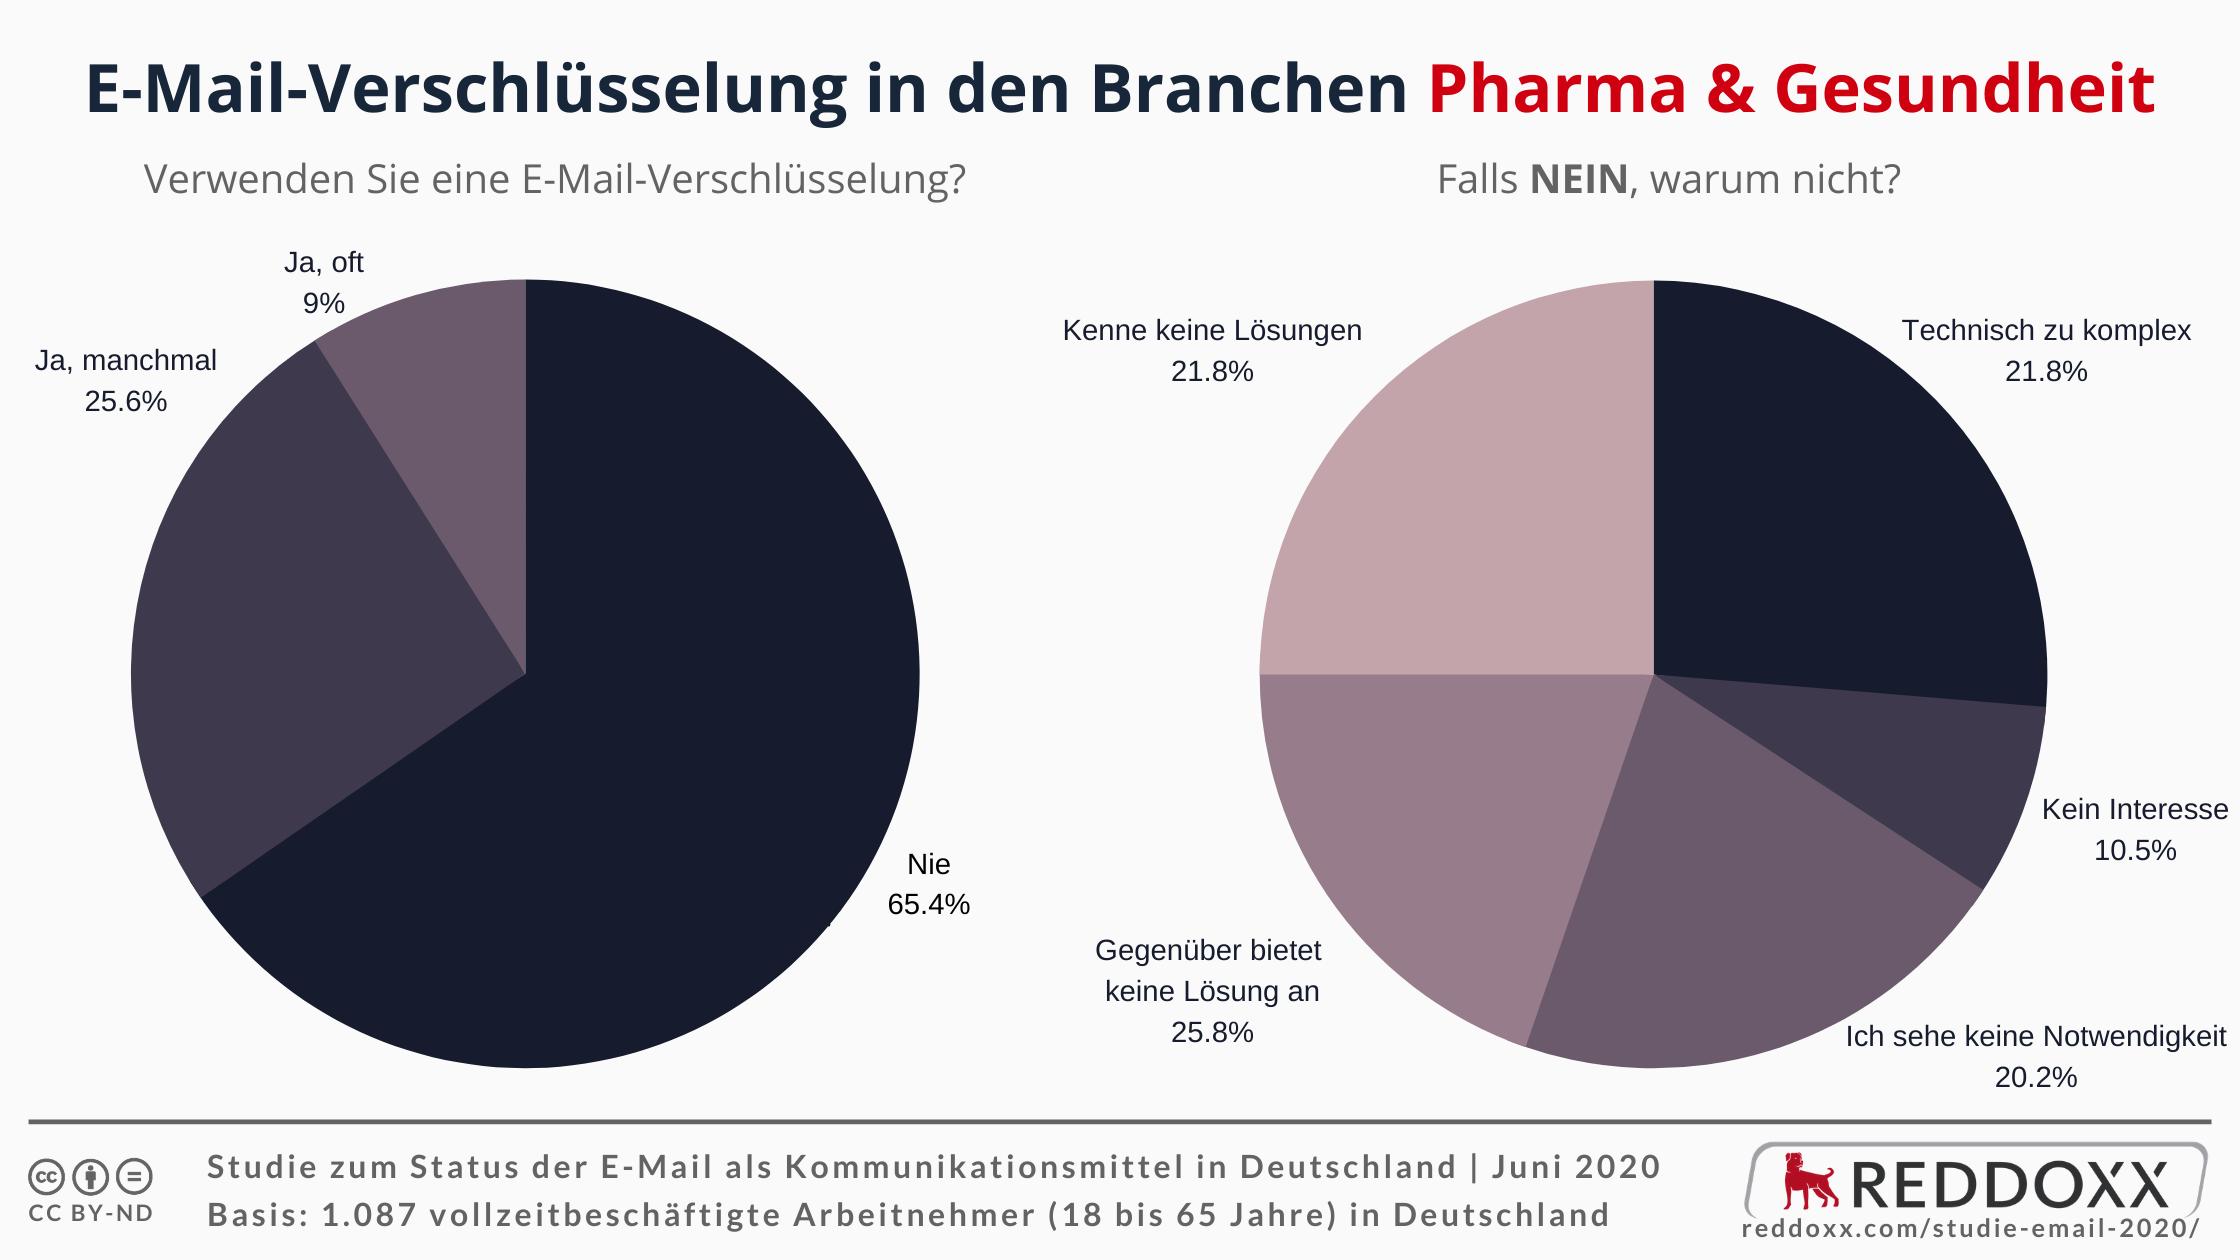 E-Mail-Verschlüsselung in den Branchen Pharma & Gesundheit - NEIN